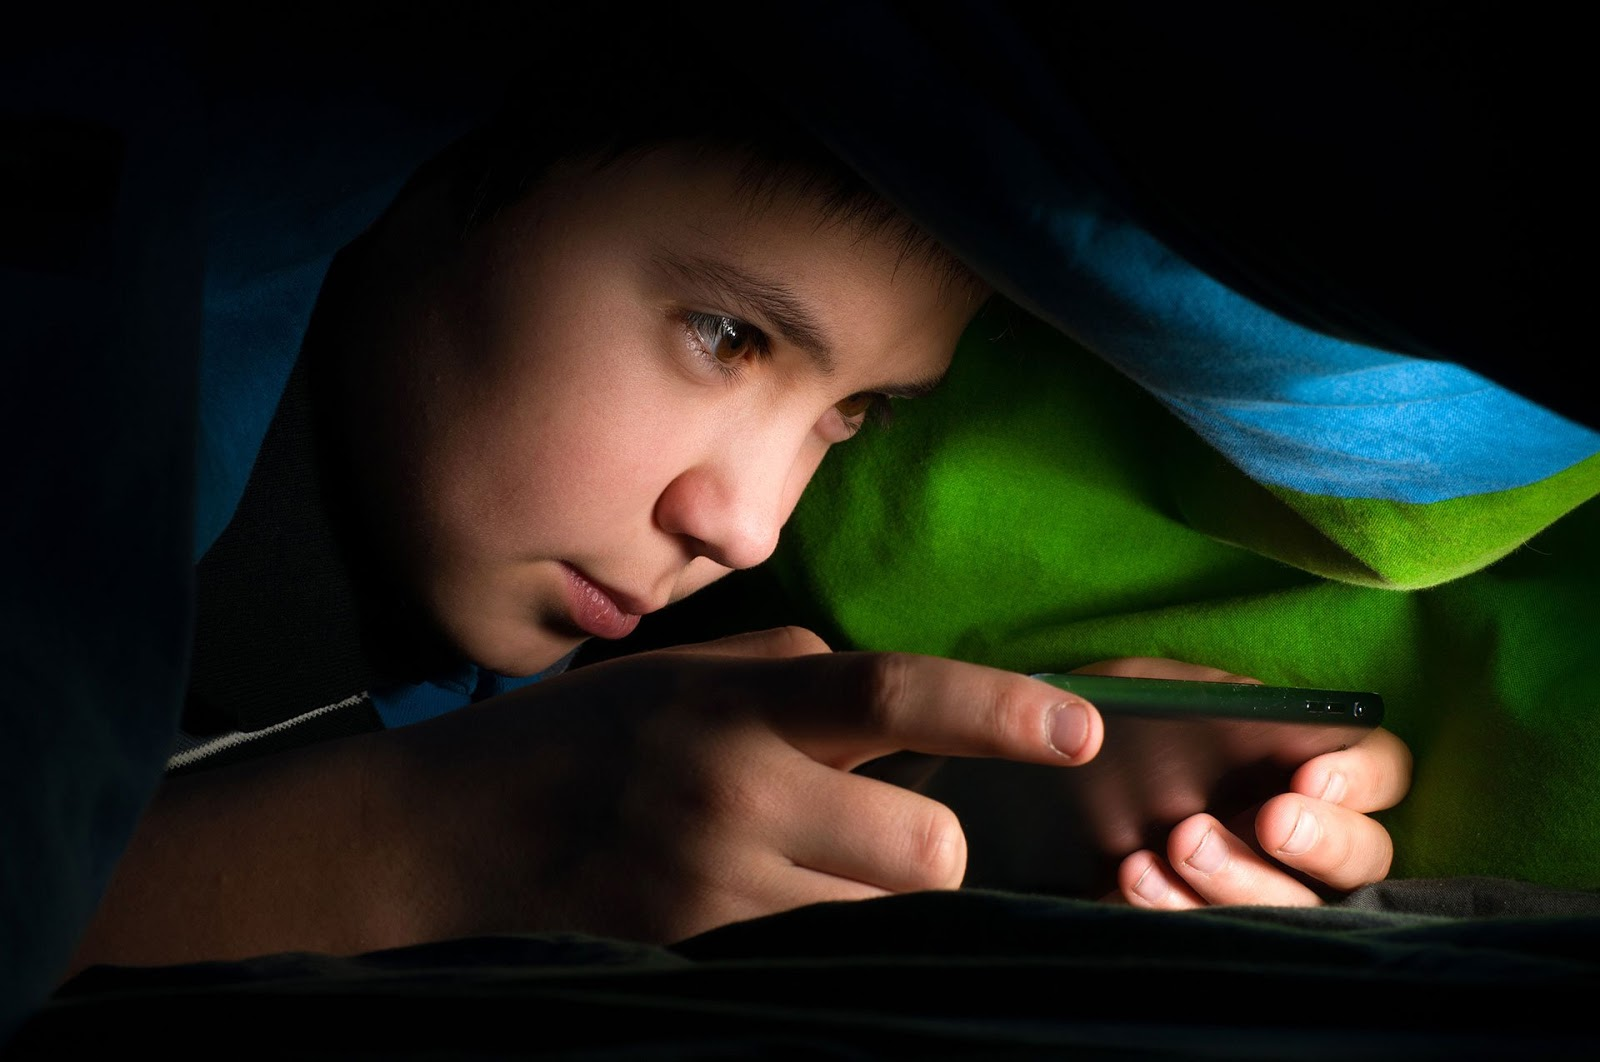 Kenapa Anak Muda Sering Tidur Sampai Jam 8 Pagi?